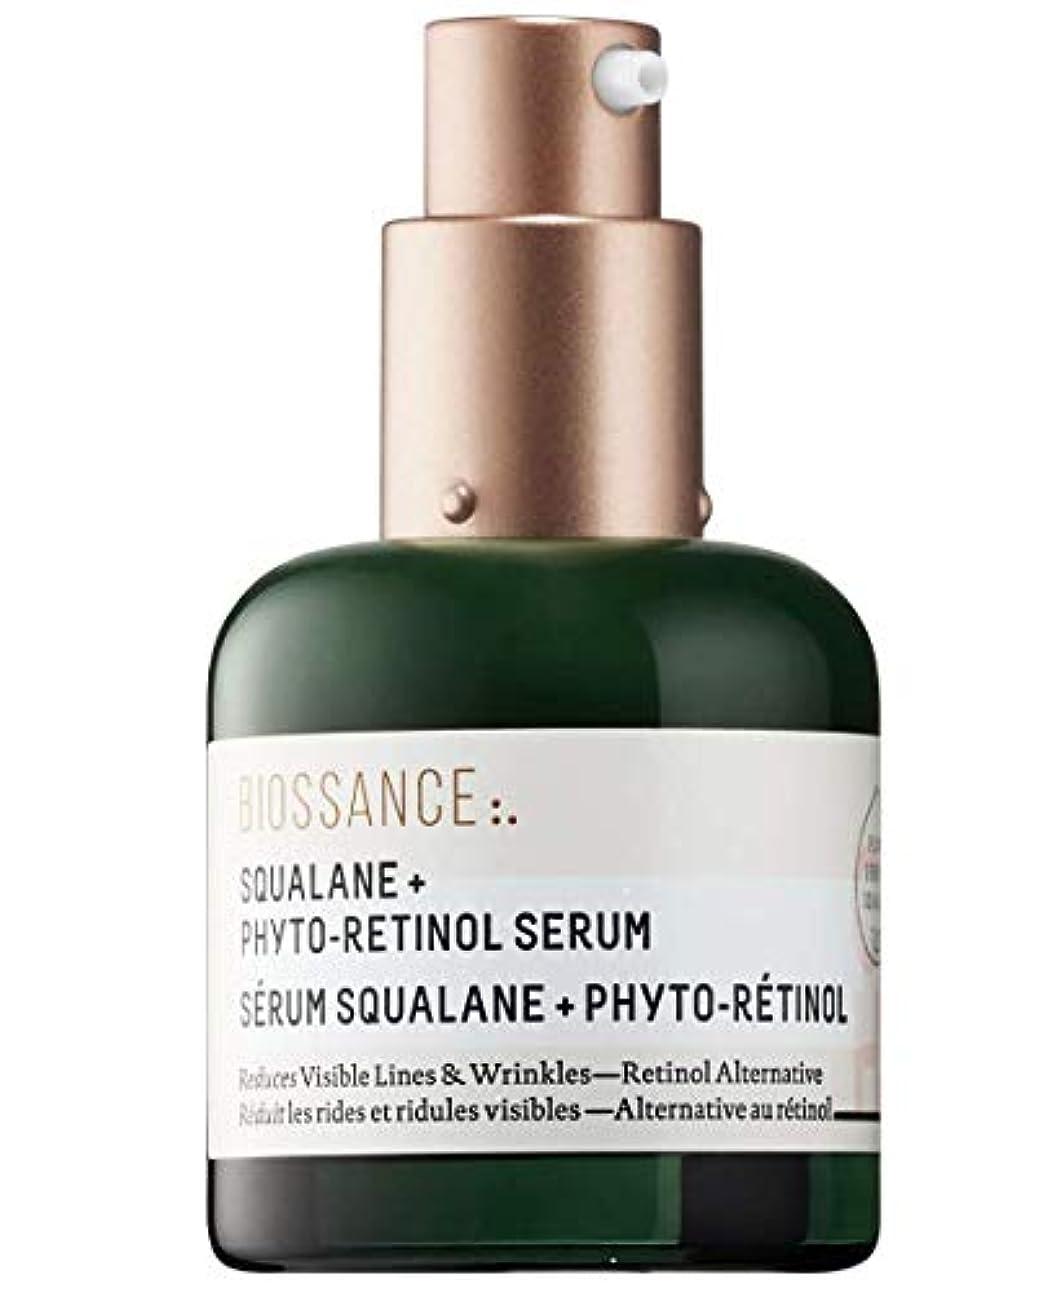 誠意はっきりと勝つBiossance Squalane + Phyto-Retinol Serum 30ml